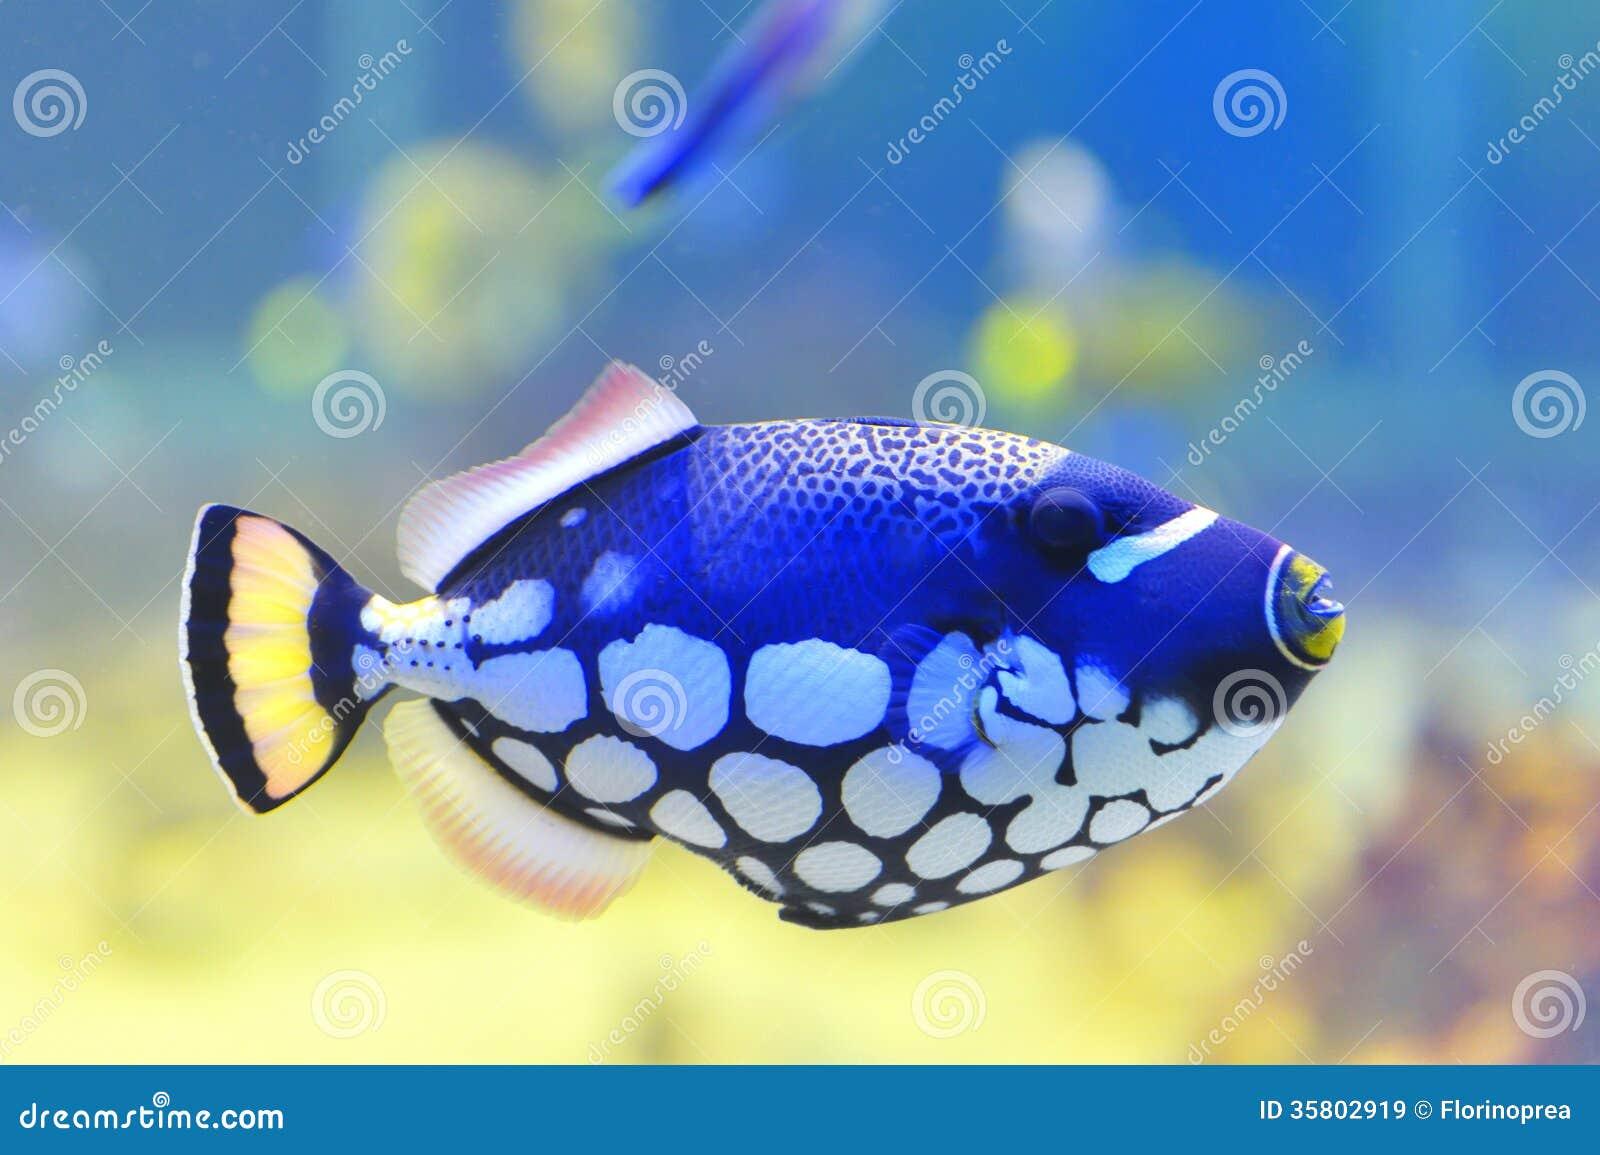 Aquarium blue fish royalty free stock image for Blue fish aquarium